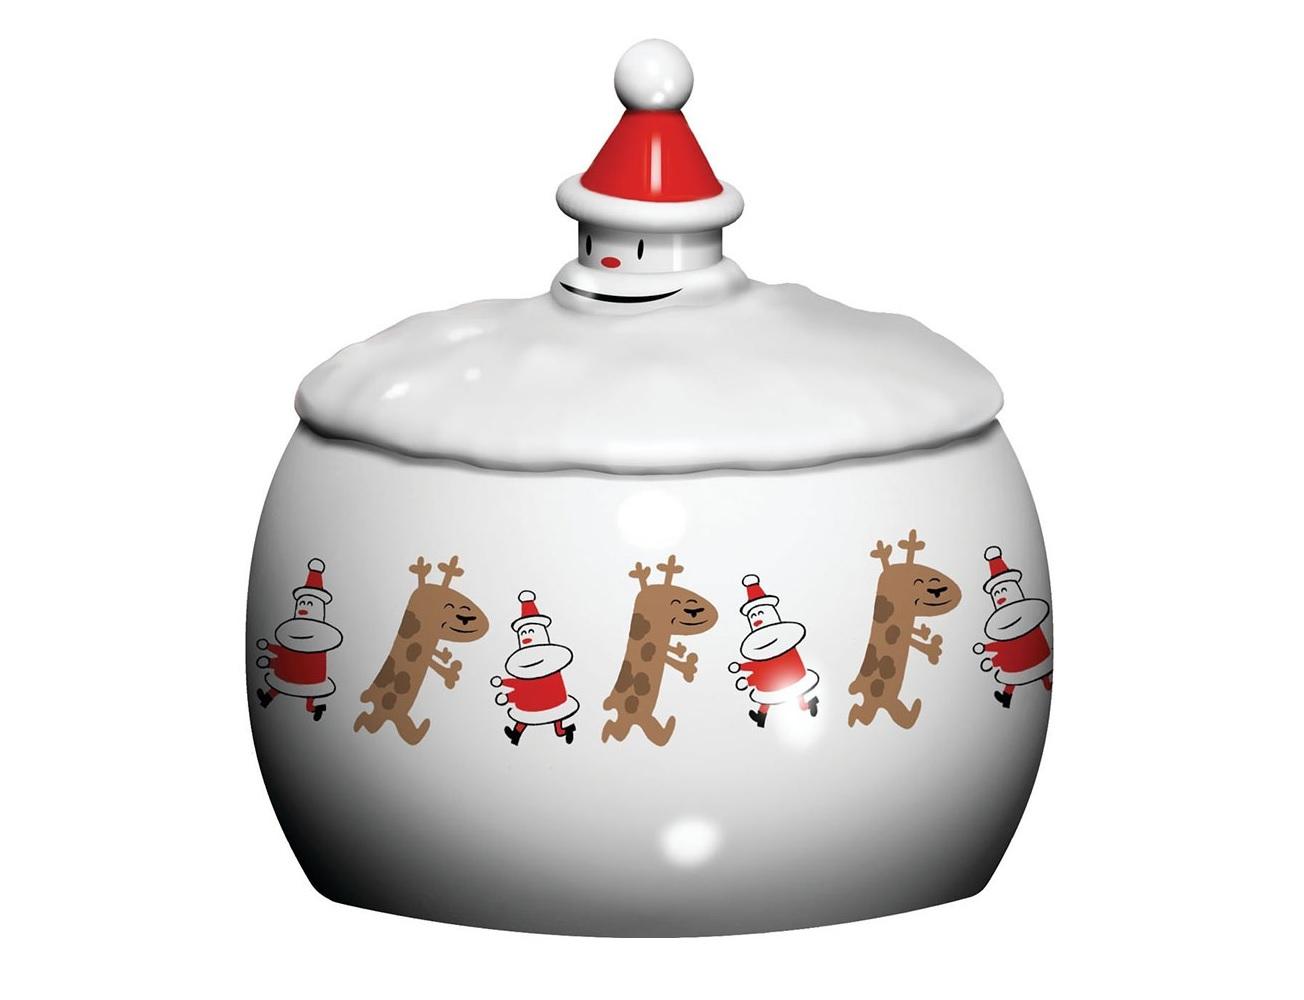 Банка для печенья let in snowЕмкости для хранения<br>Благодаря своему веселому новогоднему рисунку банка для печенья Let in snow прекрасно дополнит ваш интерьер, а также послужит оригинальным декором праздничному столу. <br>Такой рисунок одинаково порадует и детей, и взрослых - итальянский бренд Alessi известен своим сотрудничеством с лучшими дизайнерами и художниками. Приобретя банку для печенья Let in snow, вы получаете не только удобный резервуар для хранения различных вкусностей, но и по-настоящему авторскую вещь.<br><br>Material: Фарфор<br>Высота см: 19